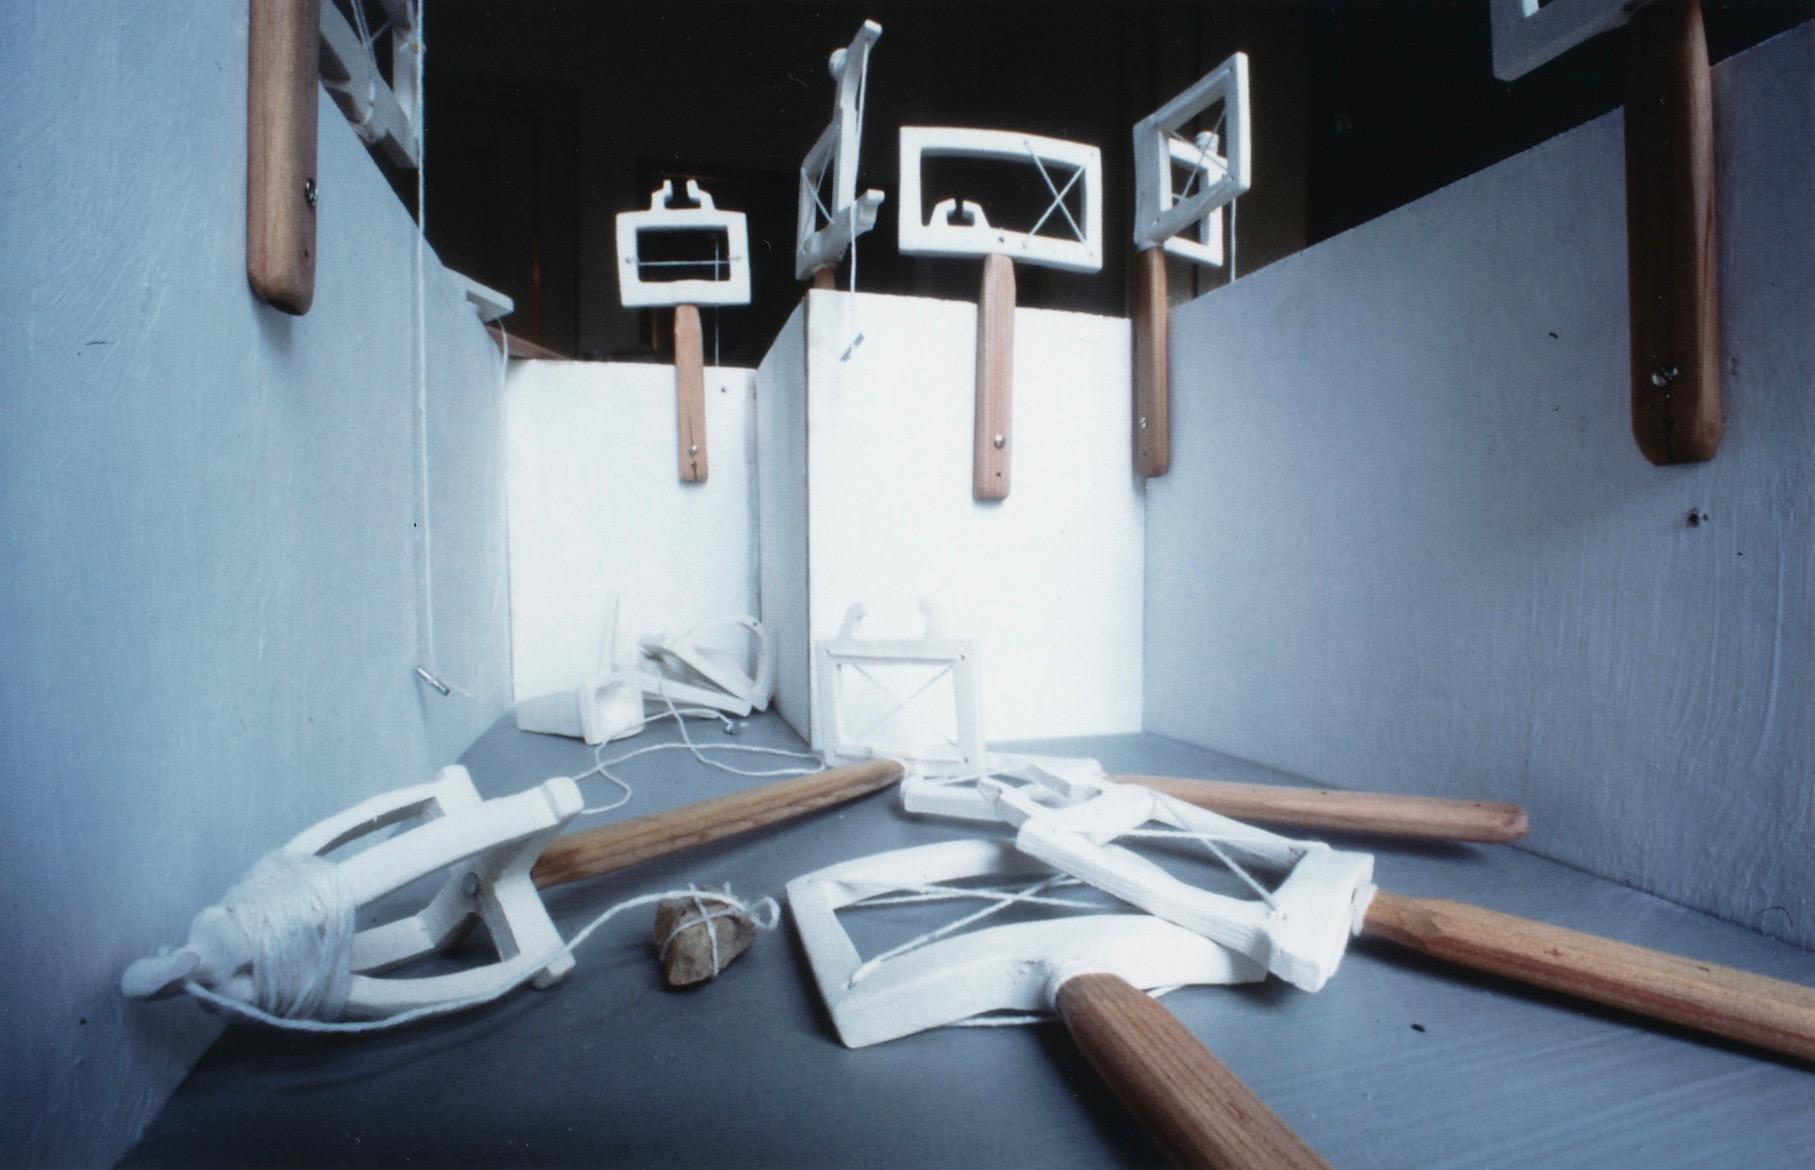 Perspective Measurement Room